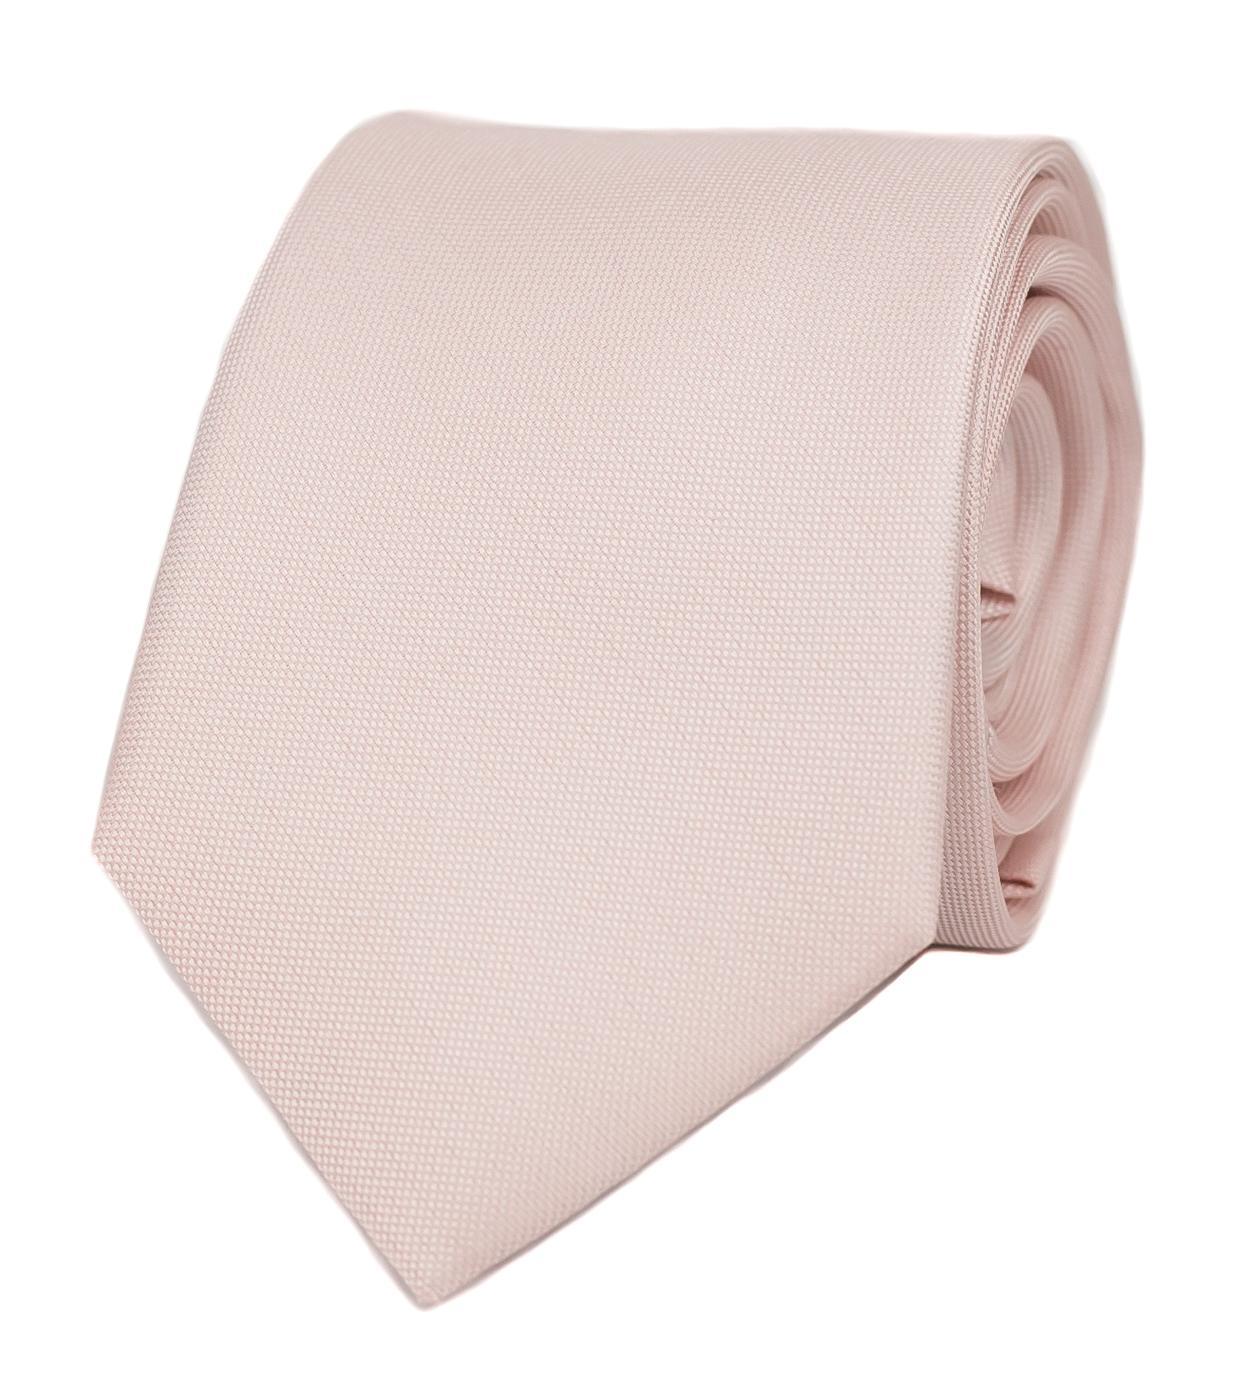 Růžová hedvábná kravata - Obrázok č. 1